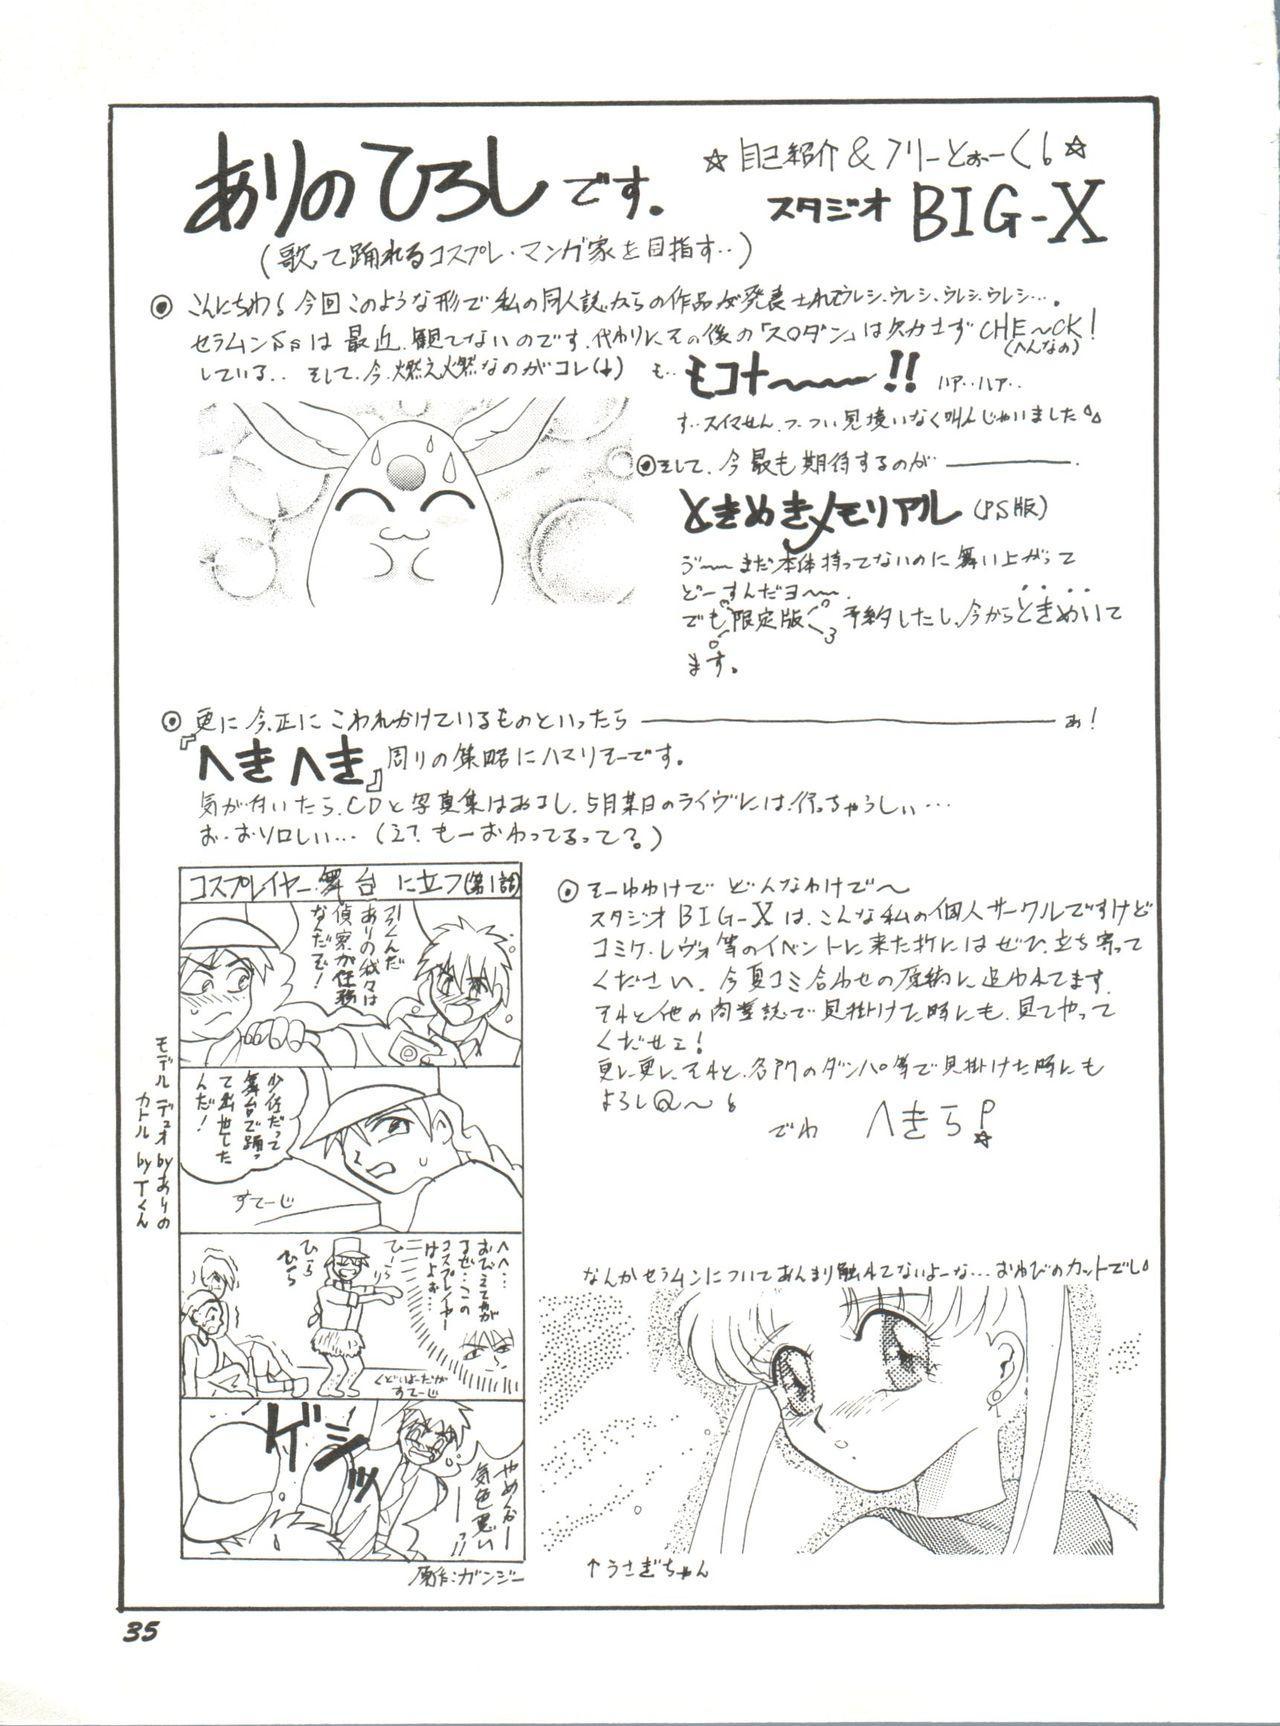 Bishoujo Doujinshi Anthology 12 - Moon Paradise 7 Tsuki no Rakuen 39